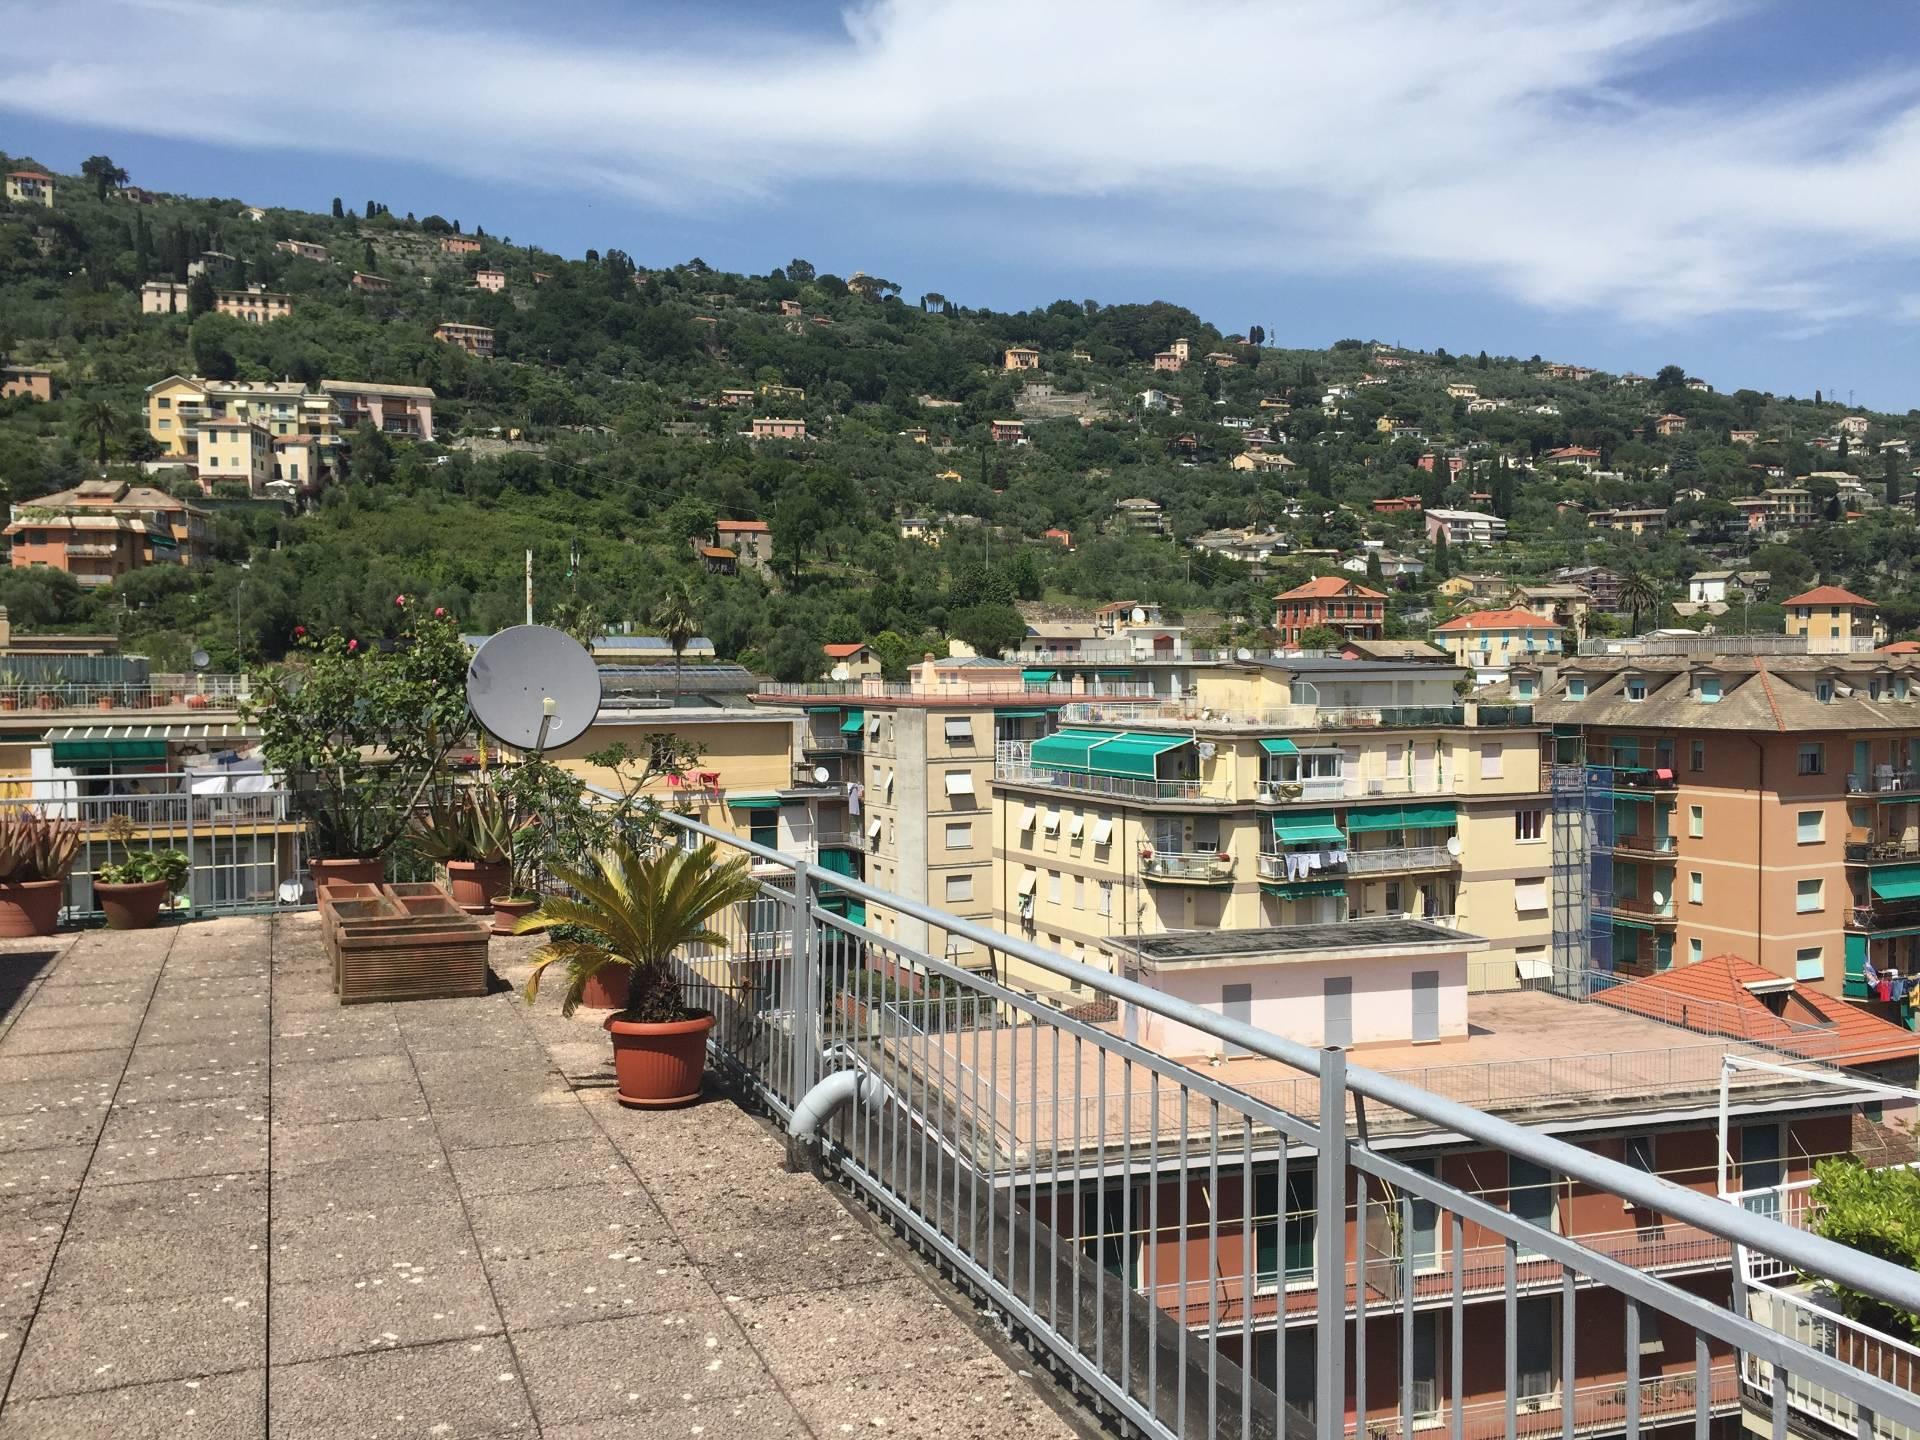 Attico / Mansarda in vendita a Santa Margherita Ligure, 4 locali, prezzo € 290.000   Cambio Casa.it